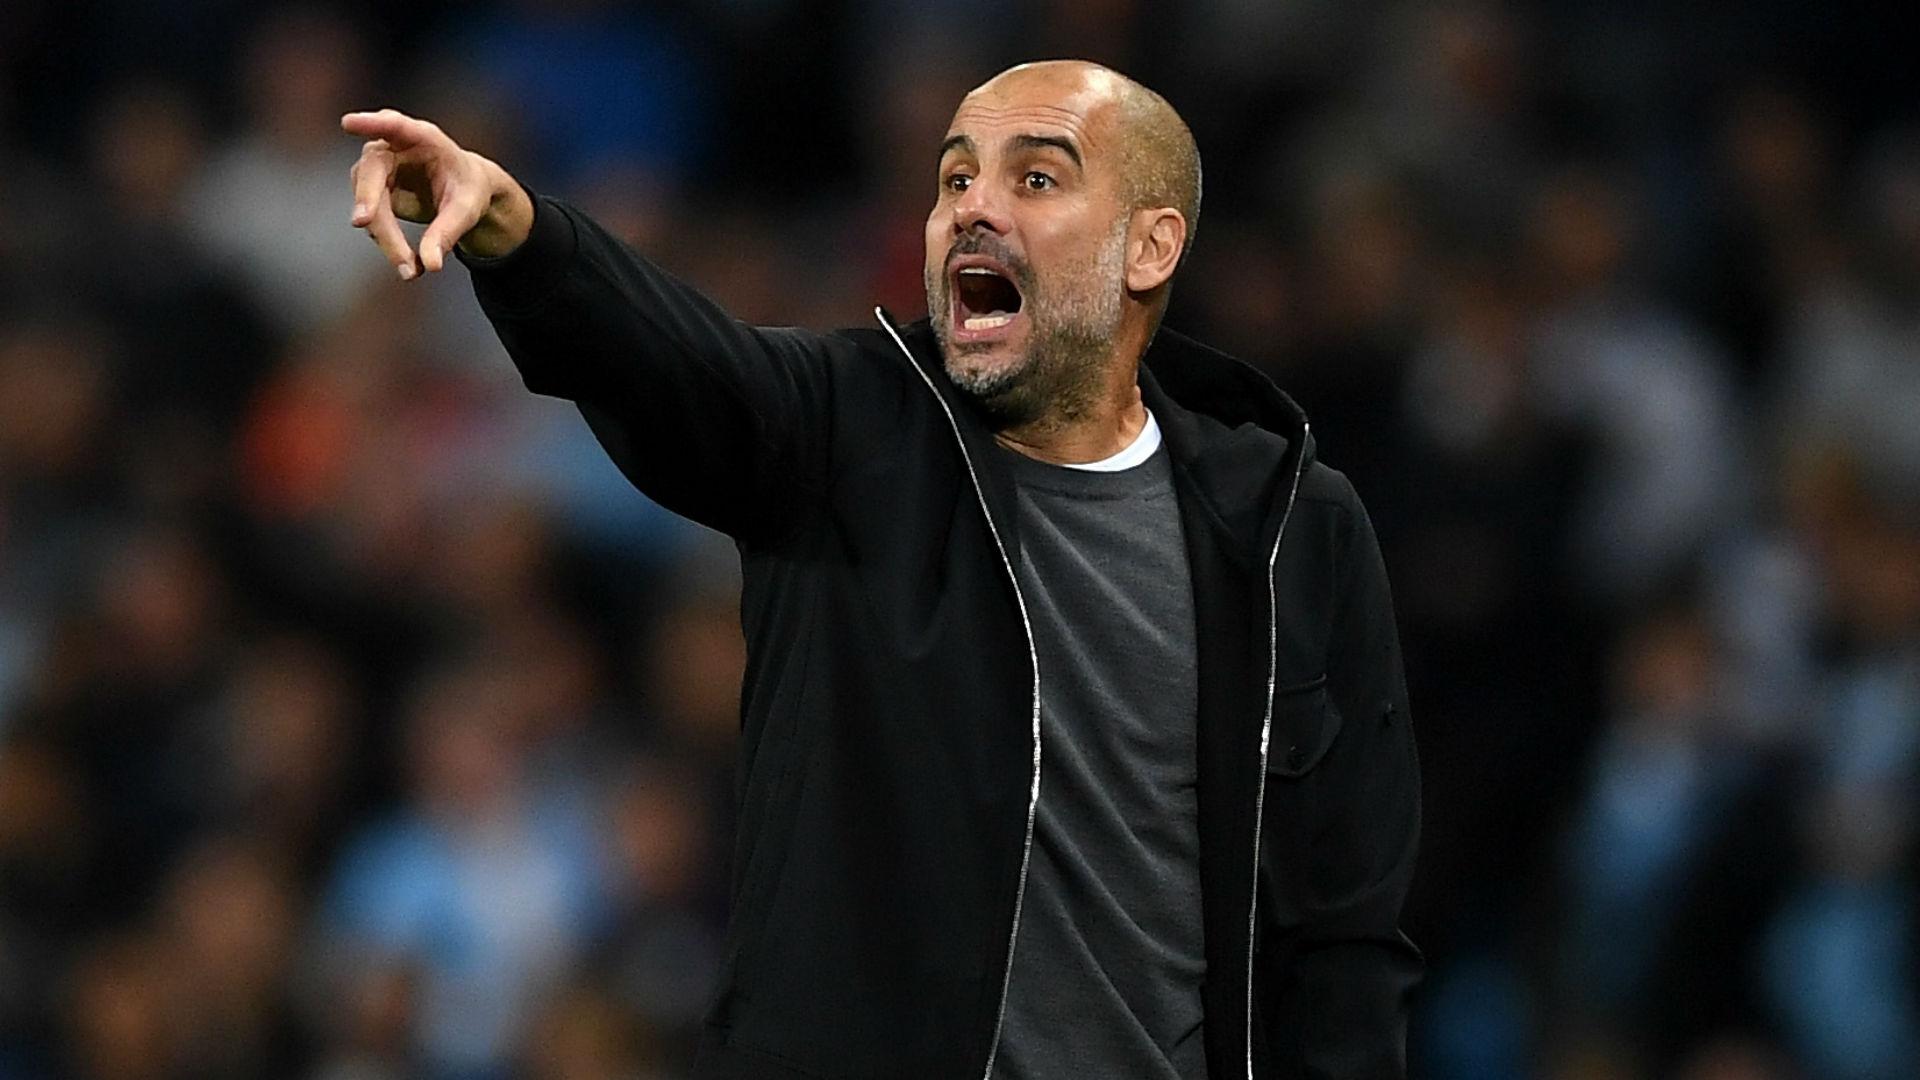 Champions League, Manchester City-Real Madrid: Guardiola in vantaggio, ma adesso i Blancos fanno paura! Probabili formazioni, pronostico e variazioni Index